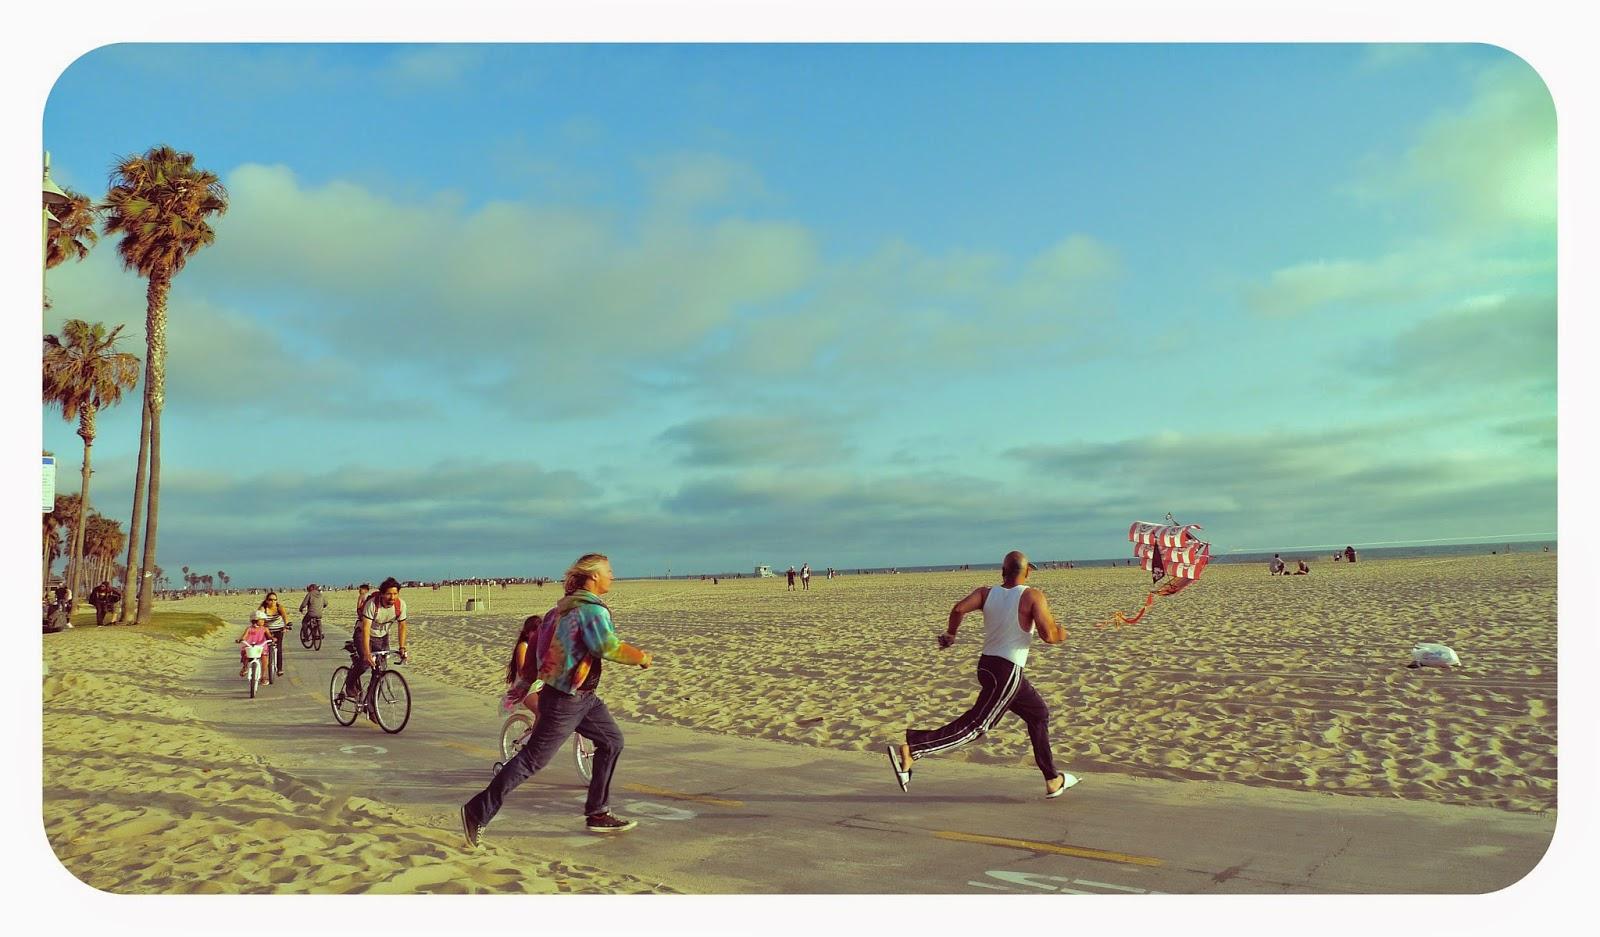 Playa de Santa Mónica, en Los Ángeles